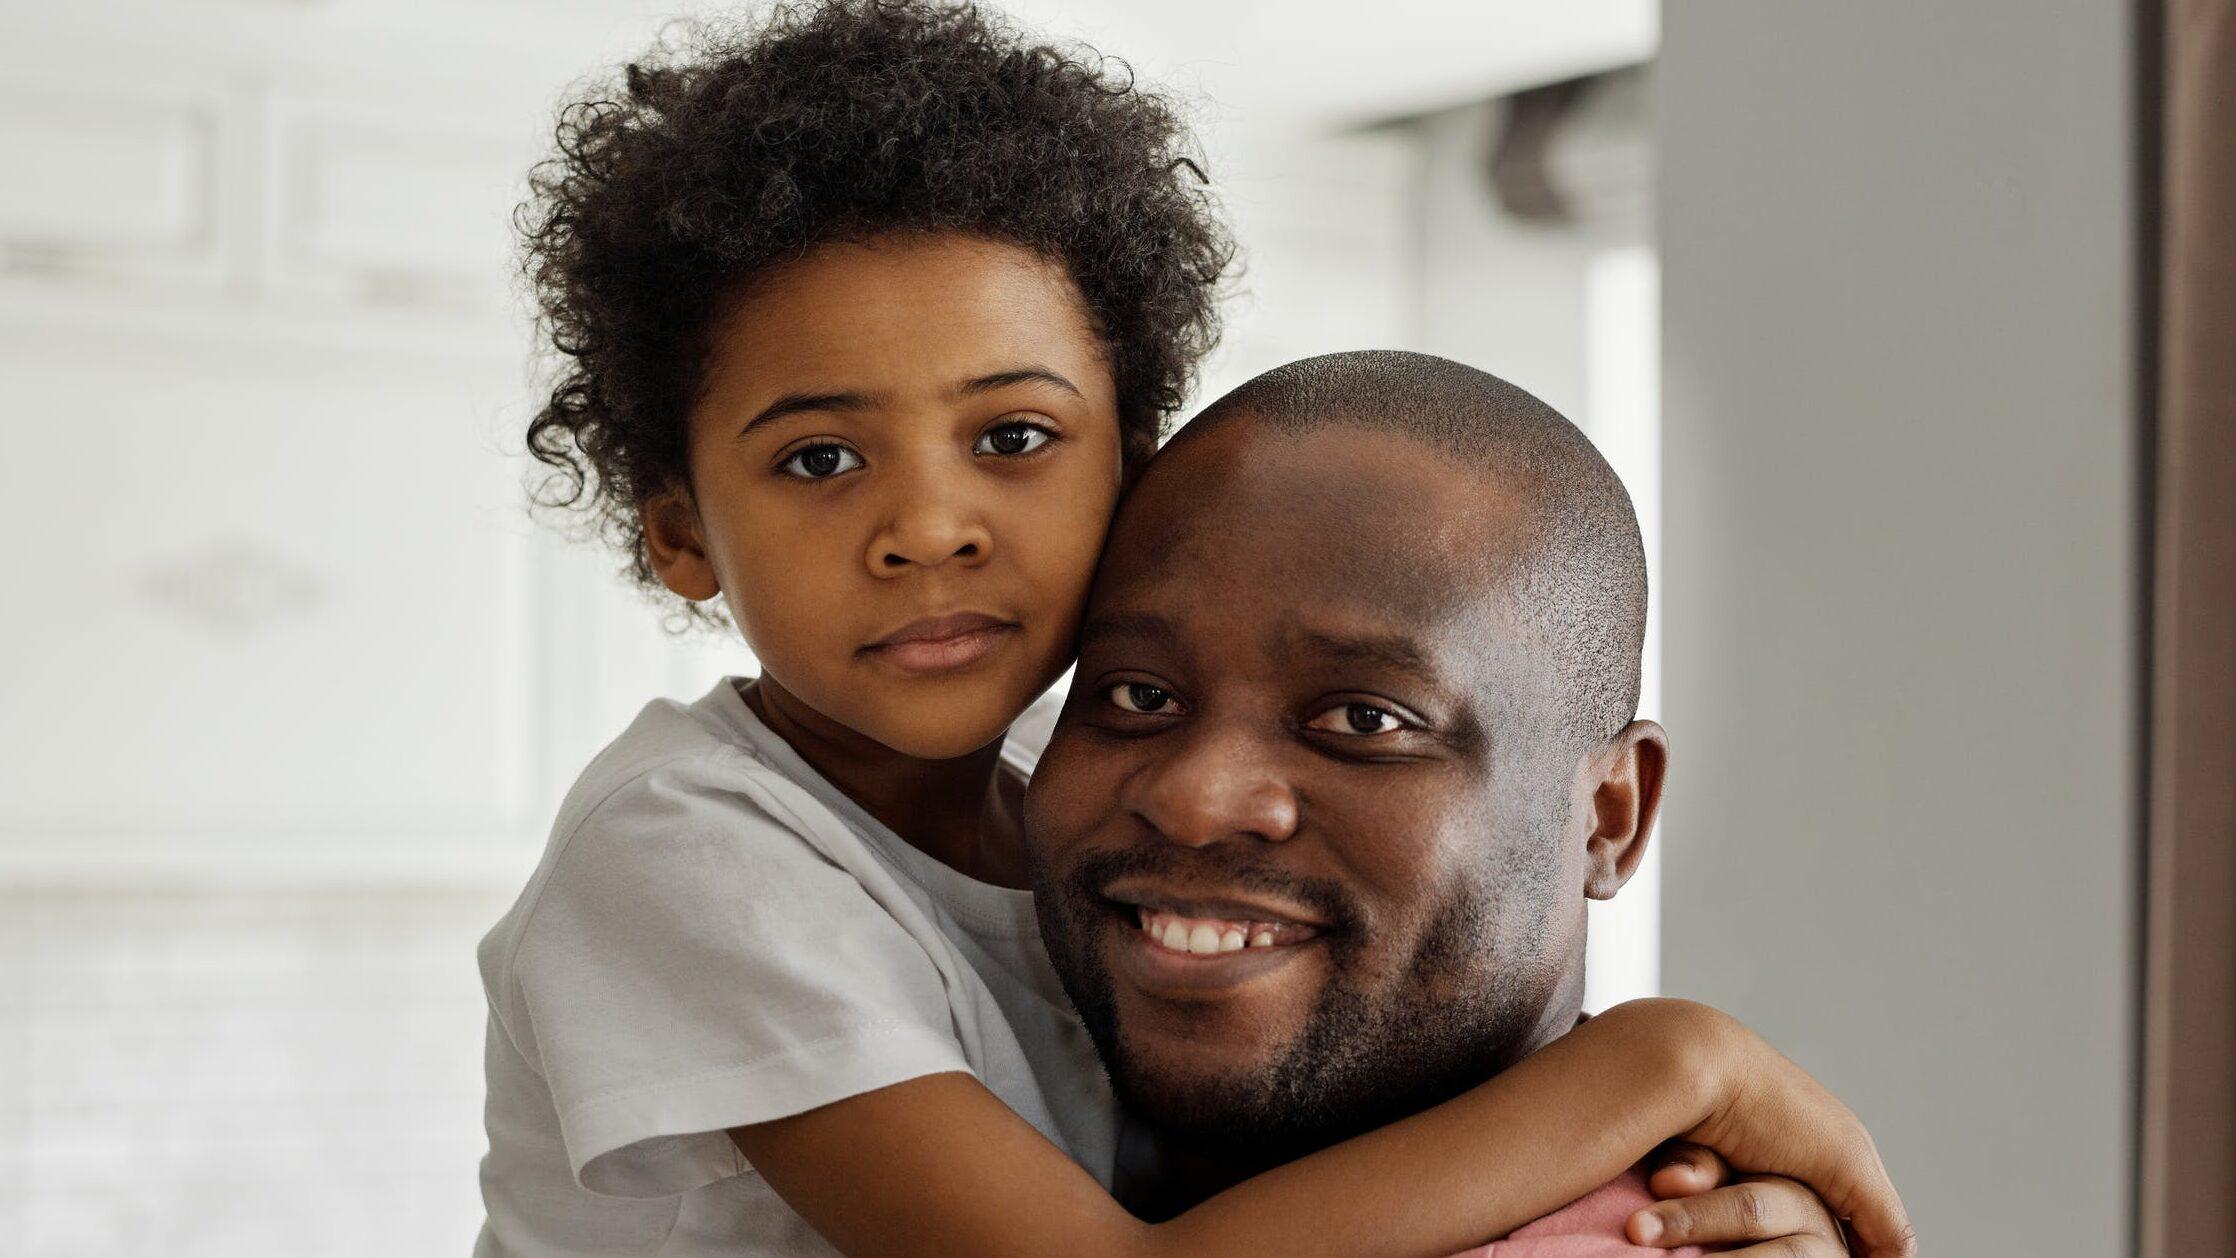 パパっ子の特徴からパパっ子になる理由をさぐる!そして、パパっ子にするには簡単な方法があるので伝授します!のイメージ画像2